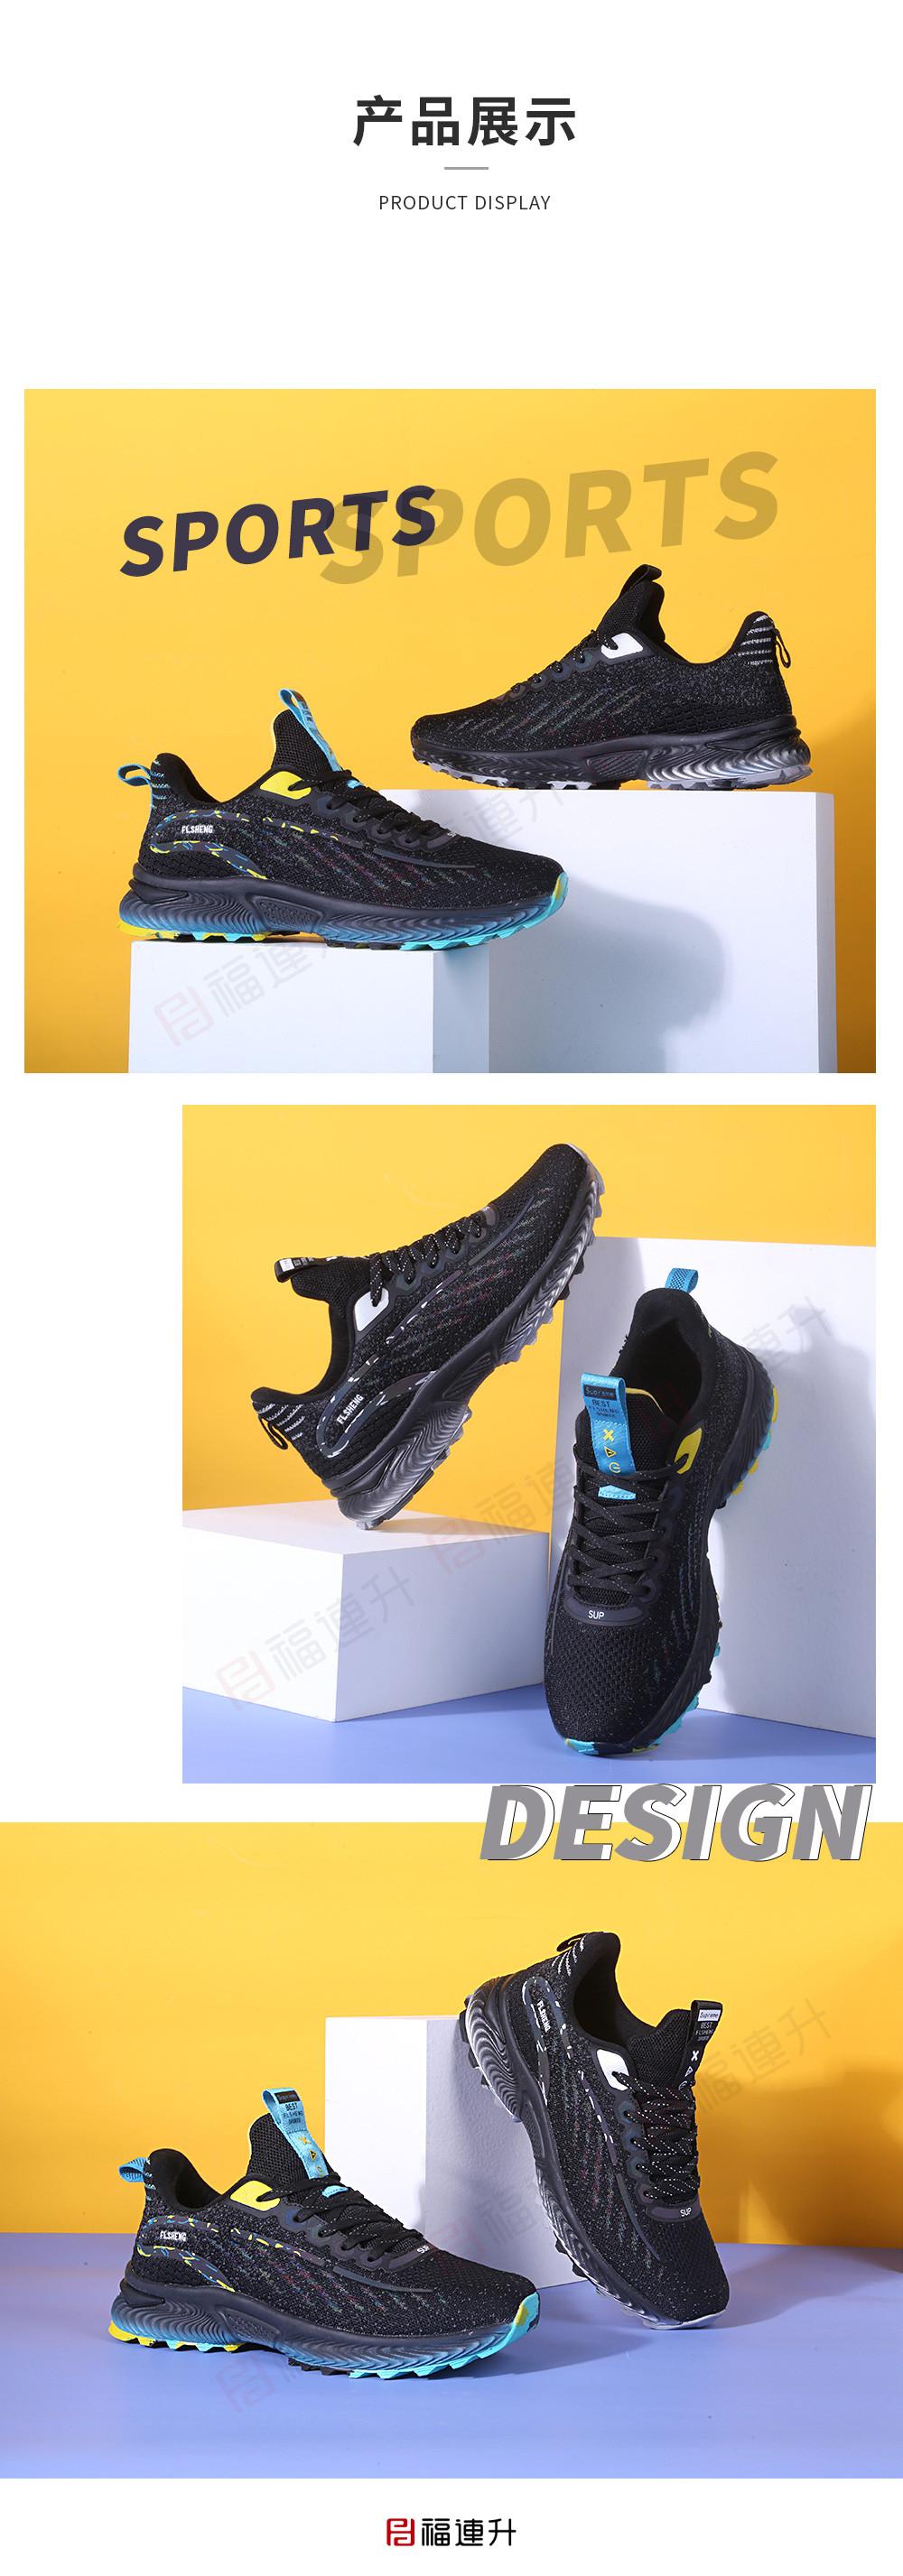 福连升休闲运动男鞋马拉松跑步鞋旅游防滑透气梭织鞋子图片